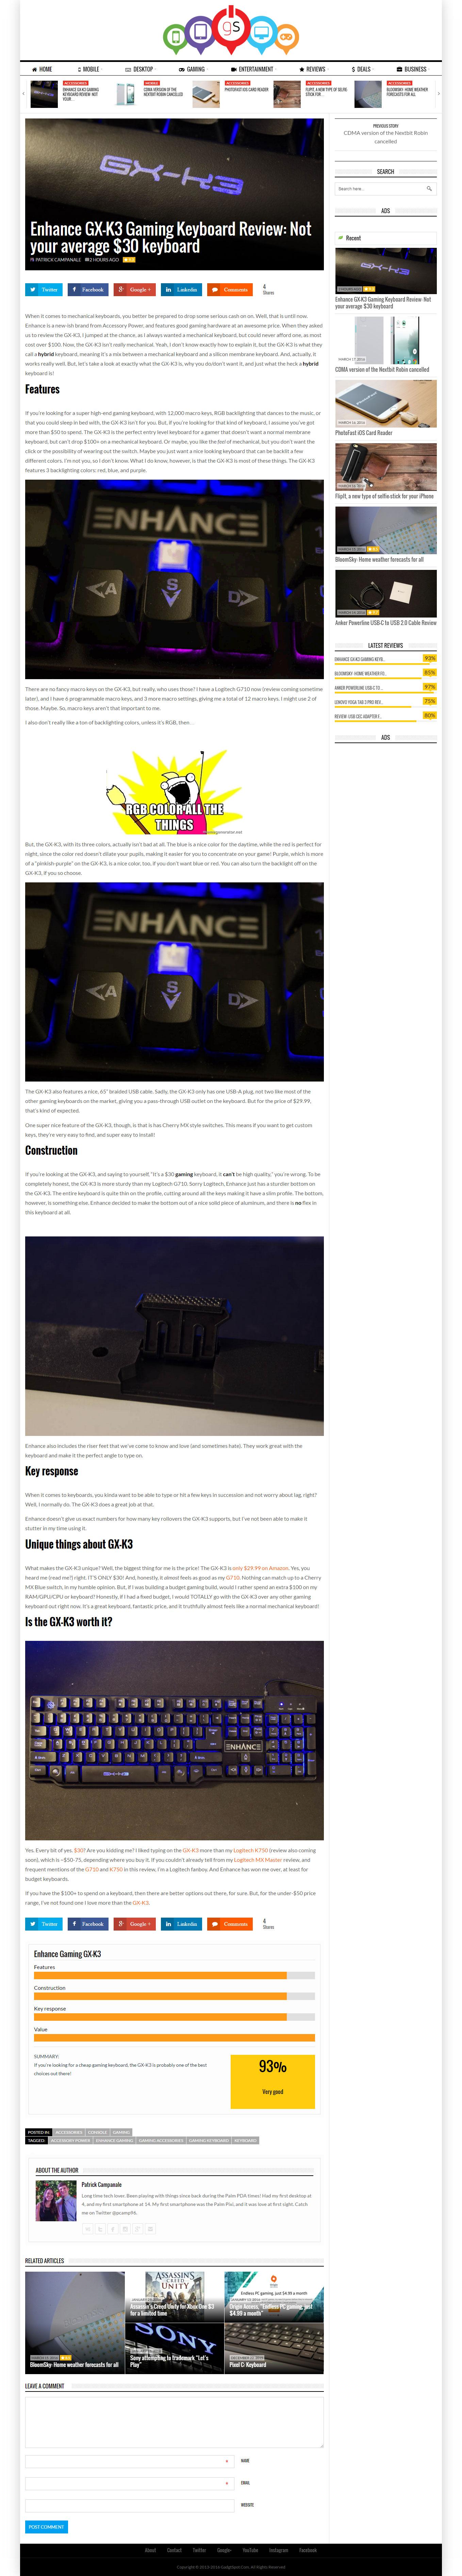 gadgtspot review of enhance gx-k3 keyboard